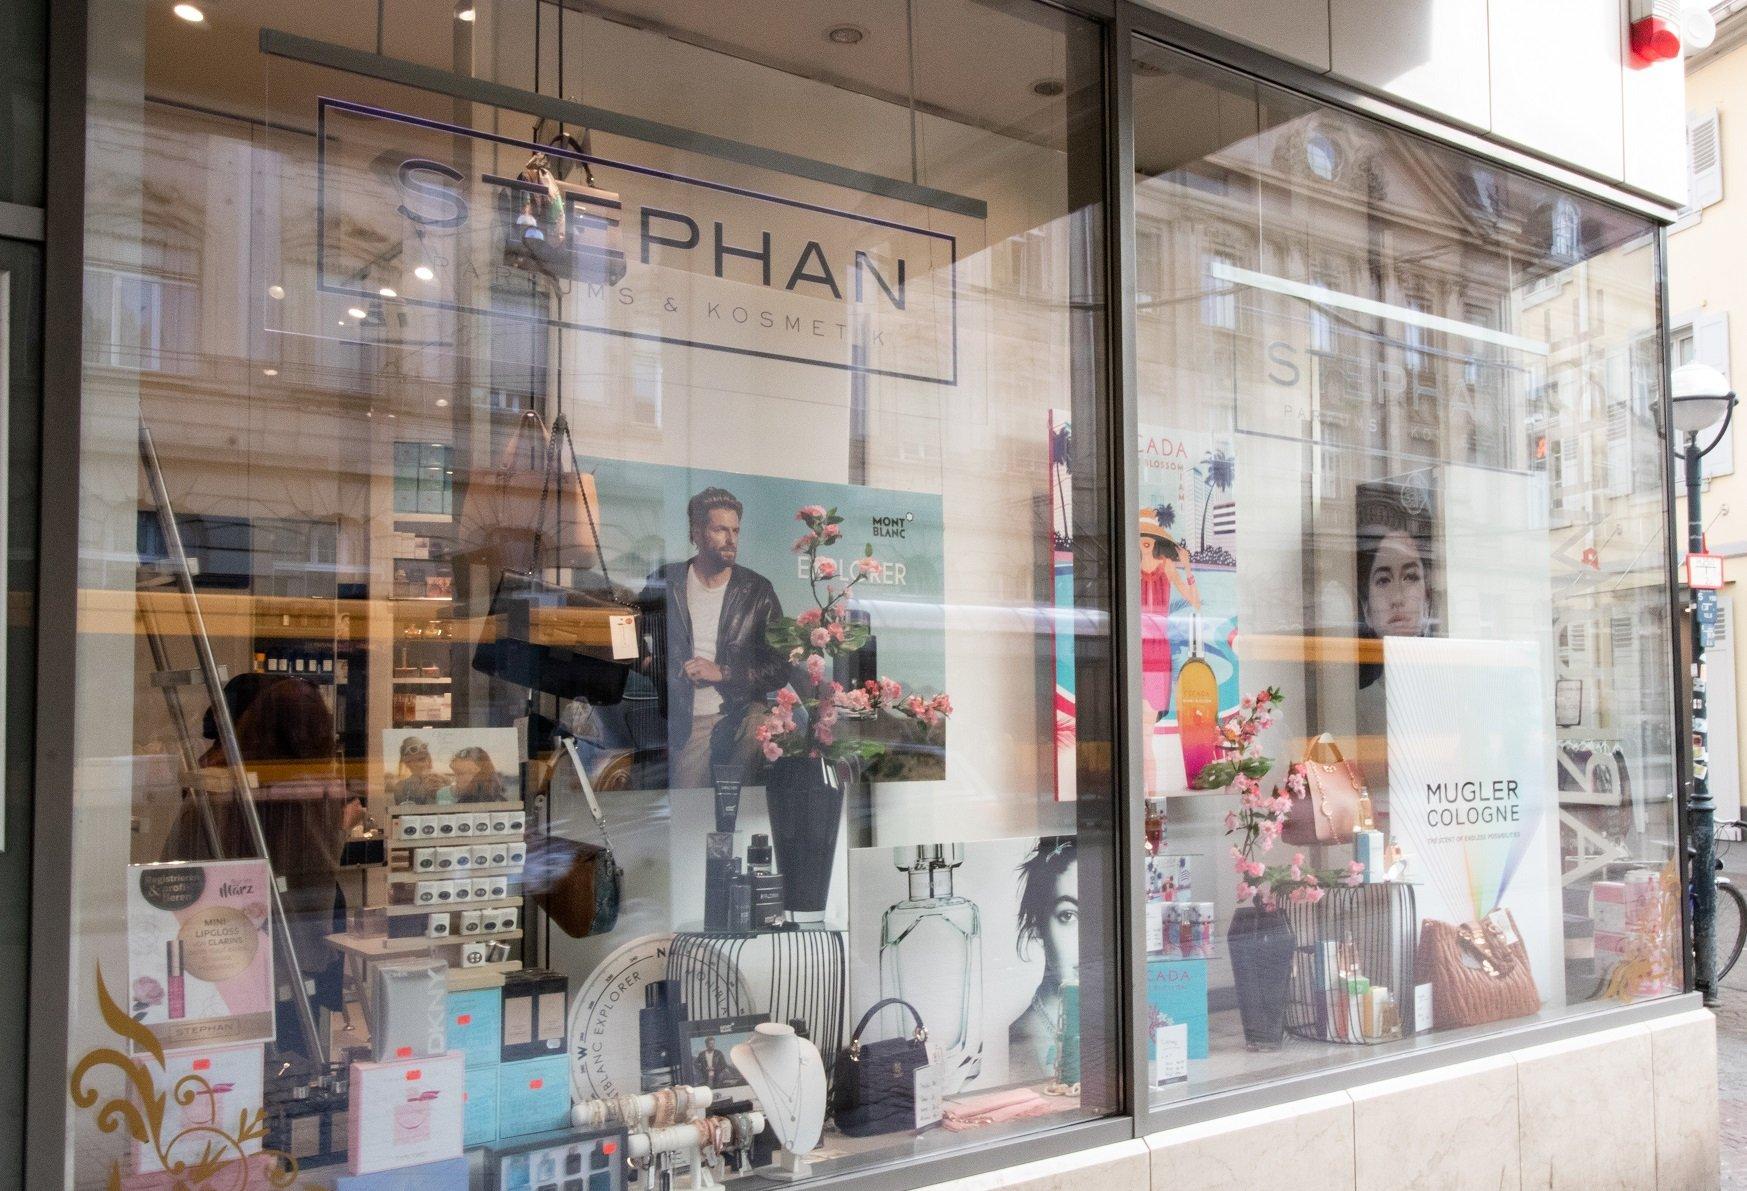 STEPHAN Parfum & Kosmetik Filiale Karlsruher Innenstadt Außenansicht